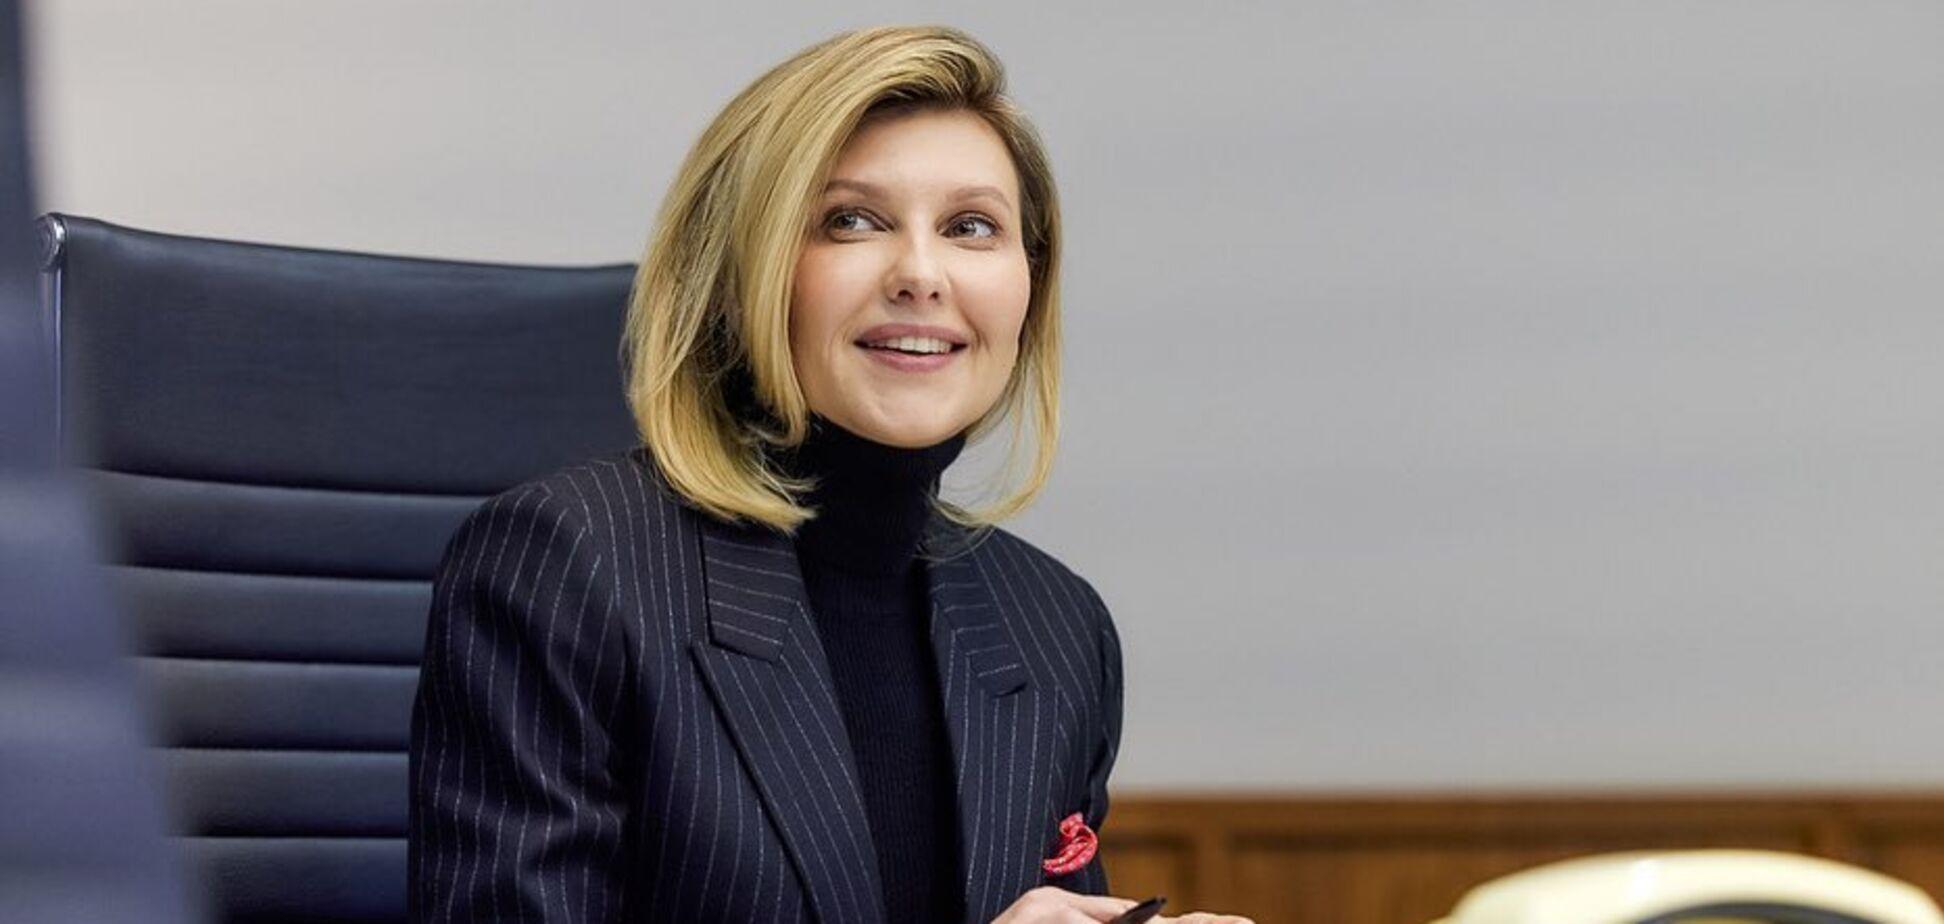 Зеленская получила около 1 млн гривен за работу в 'Квартале 95'